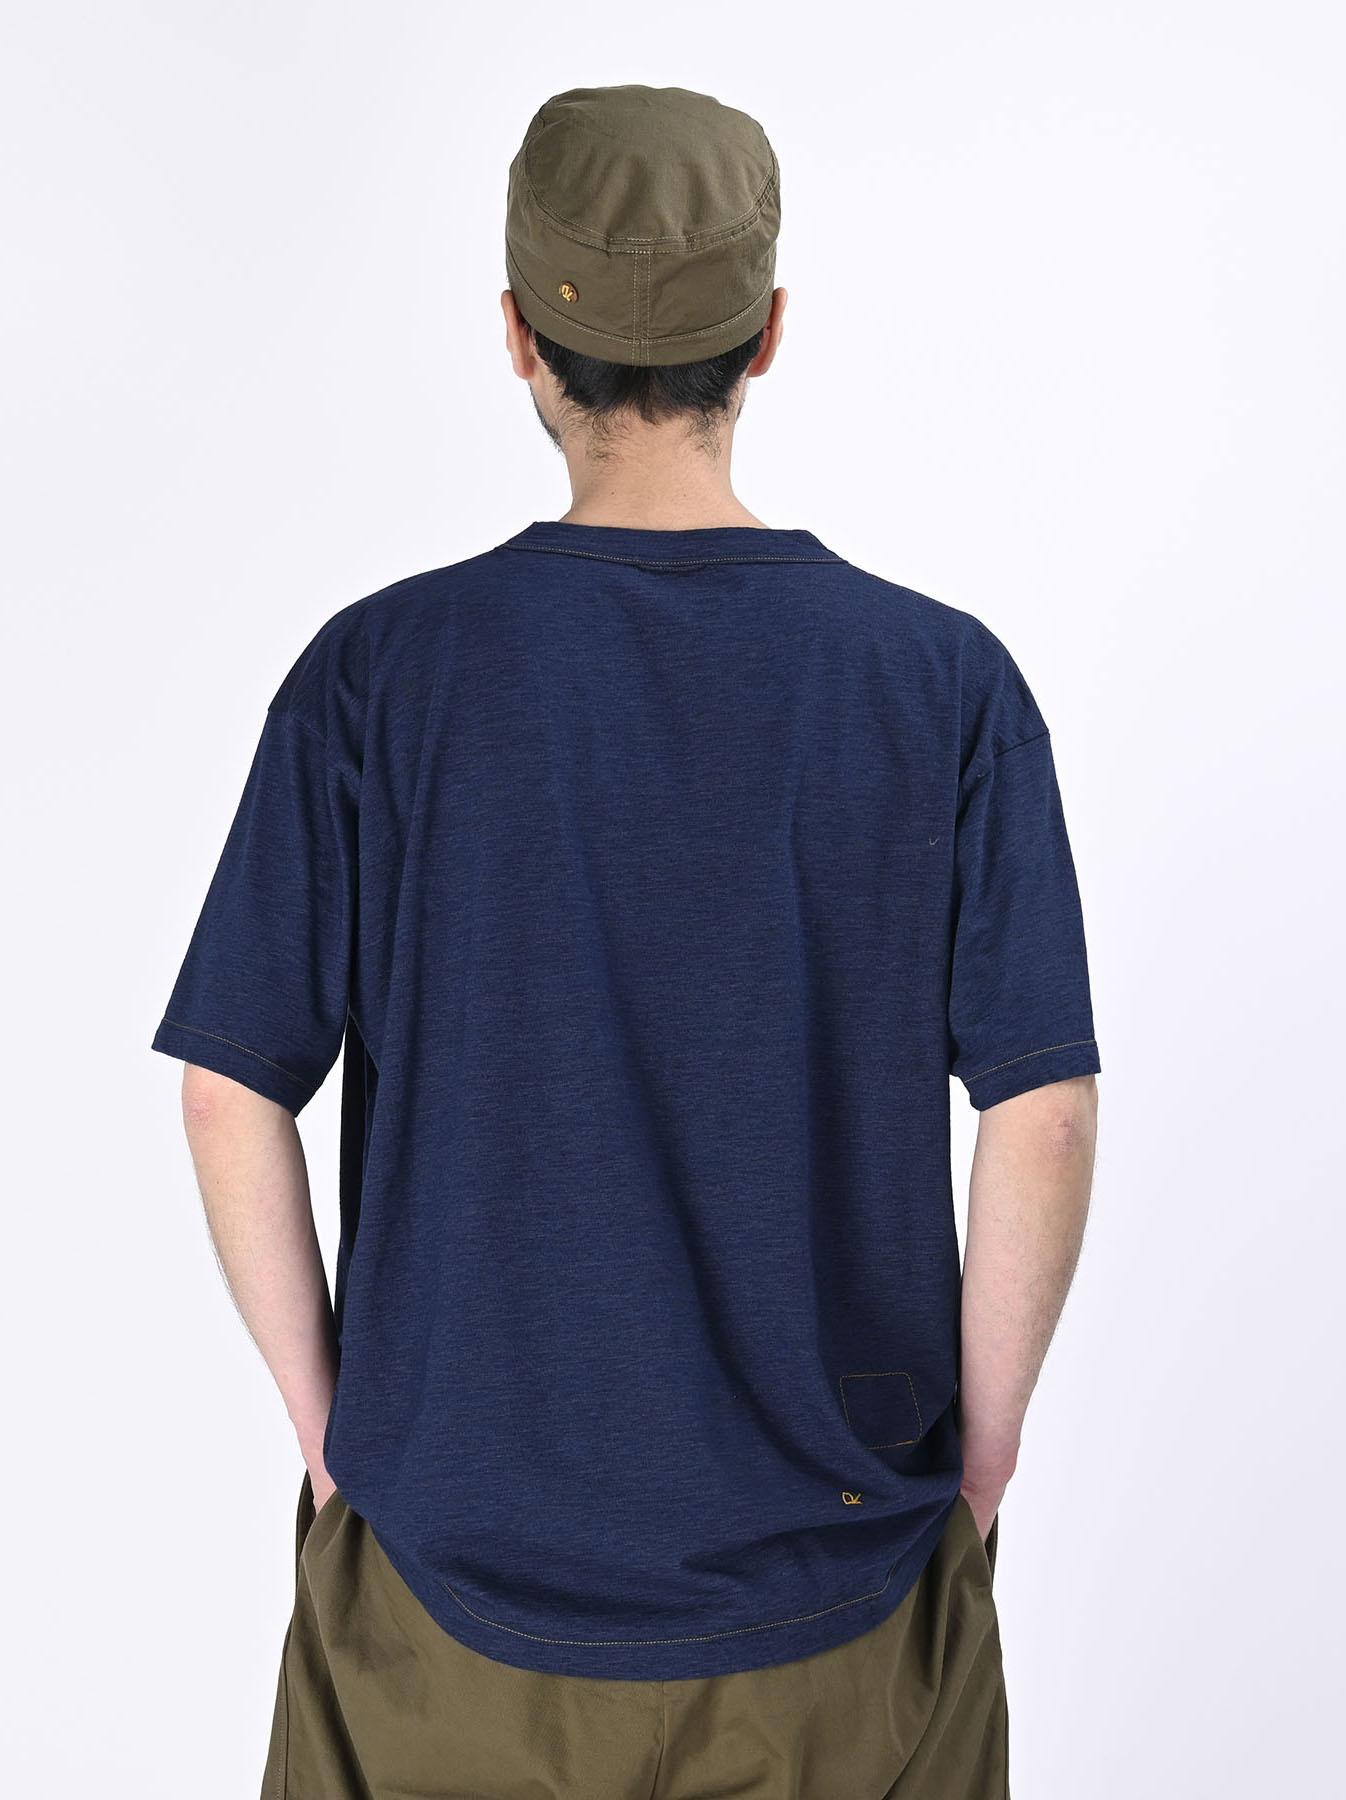 Indigo Ukiyo de Surf 908 Ocean T-shirt (0621)-4